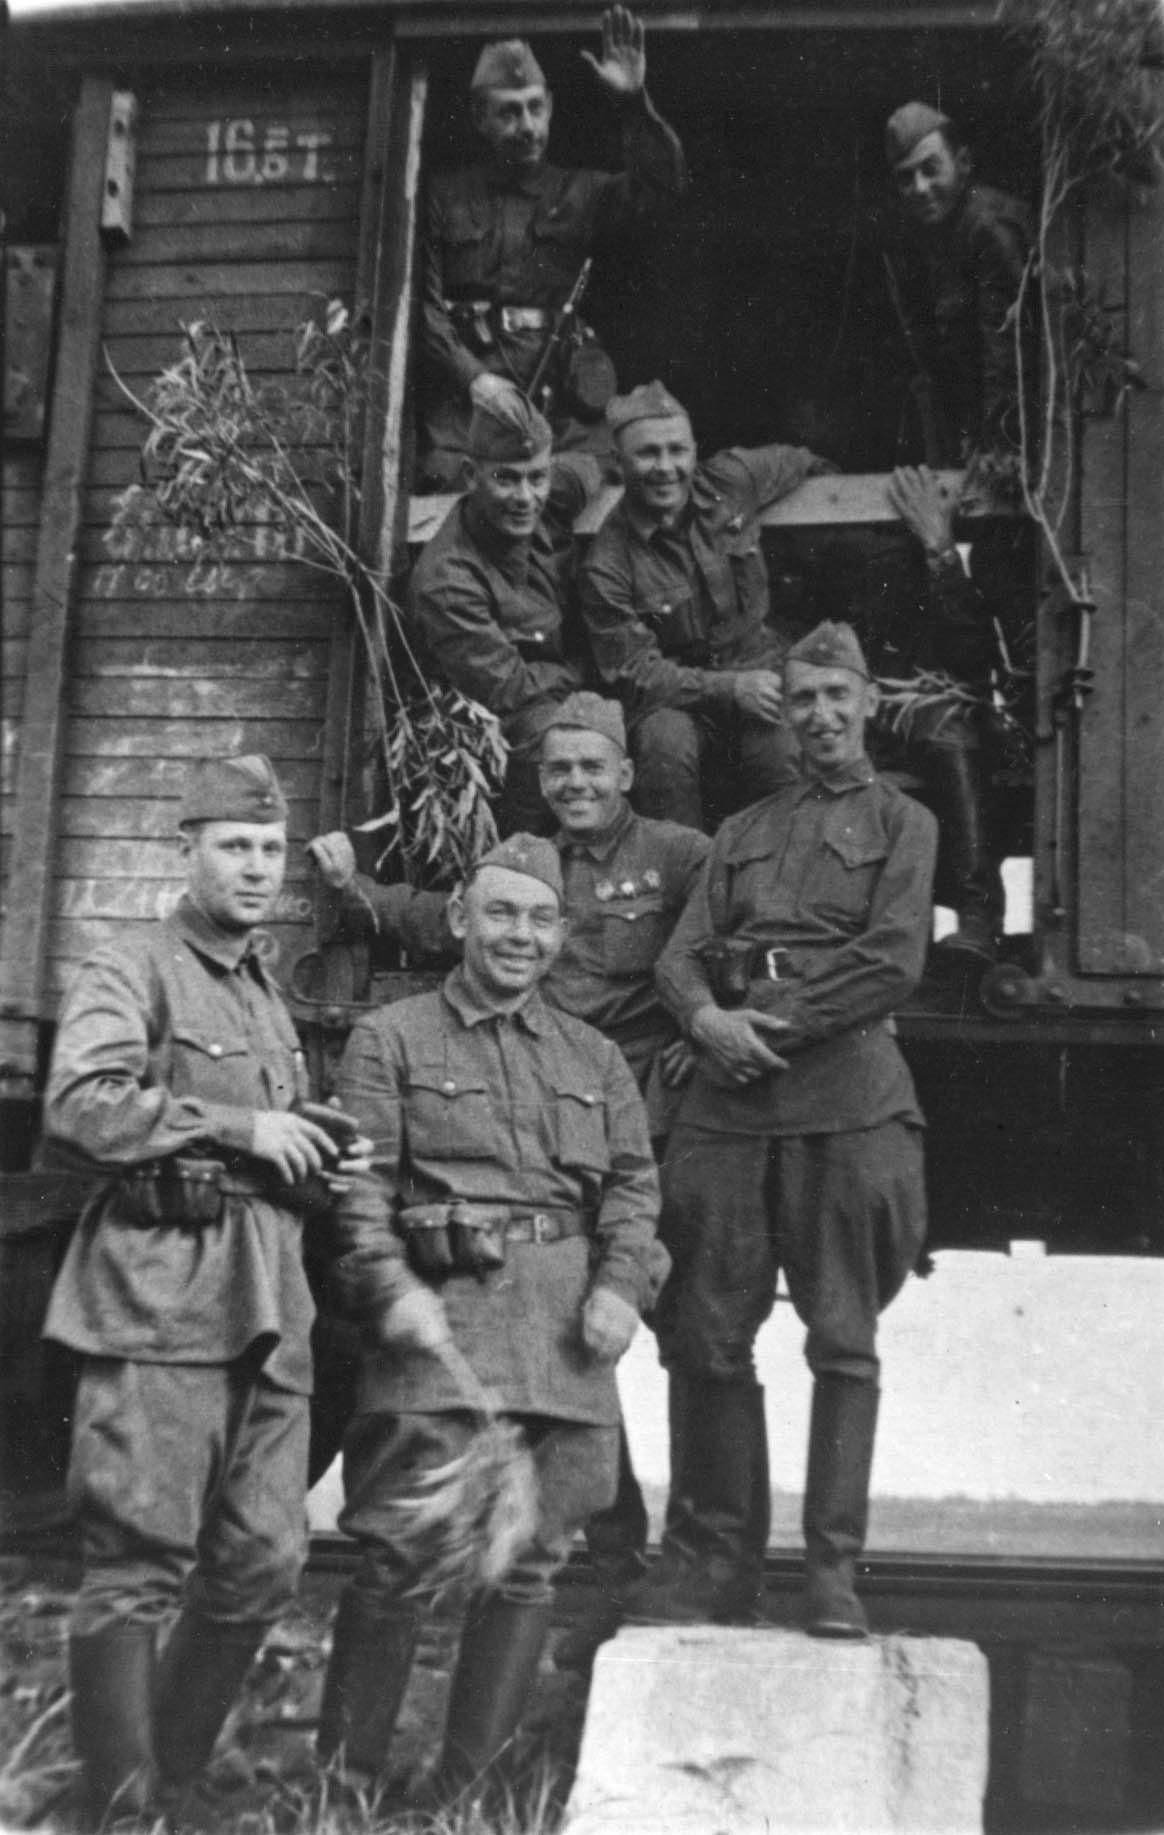 Экспонат #88. Киногруппа перед отправкой на фронт. 1941 год